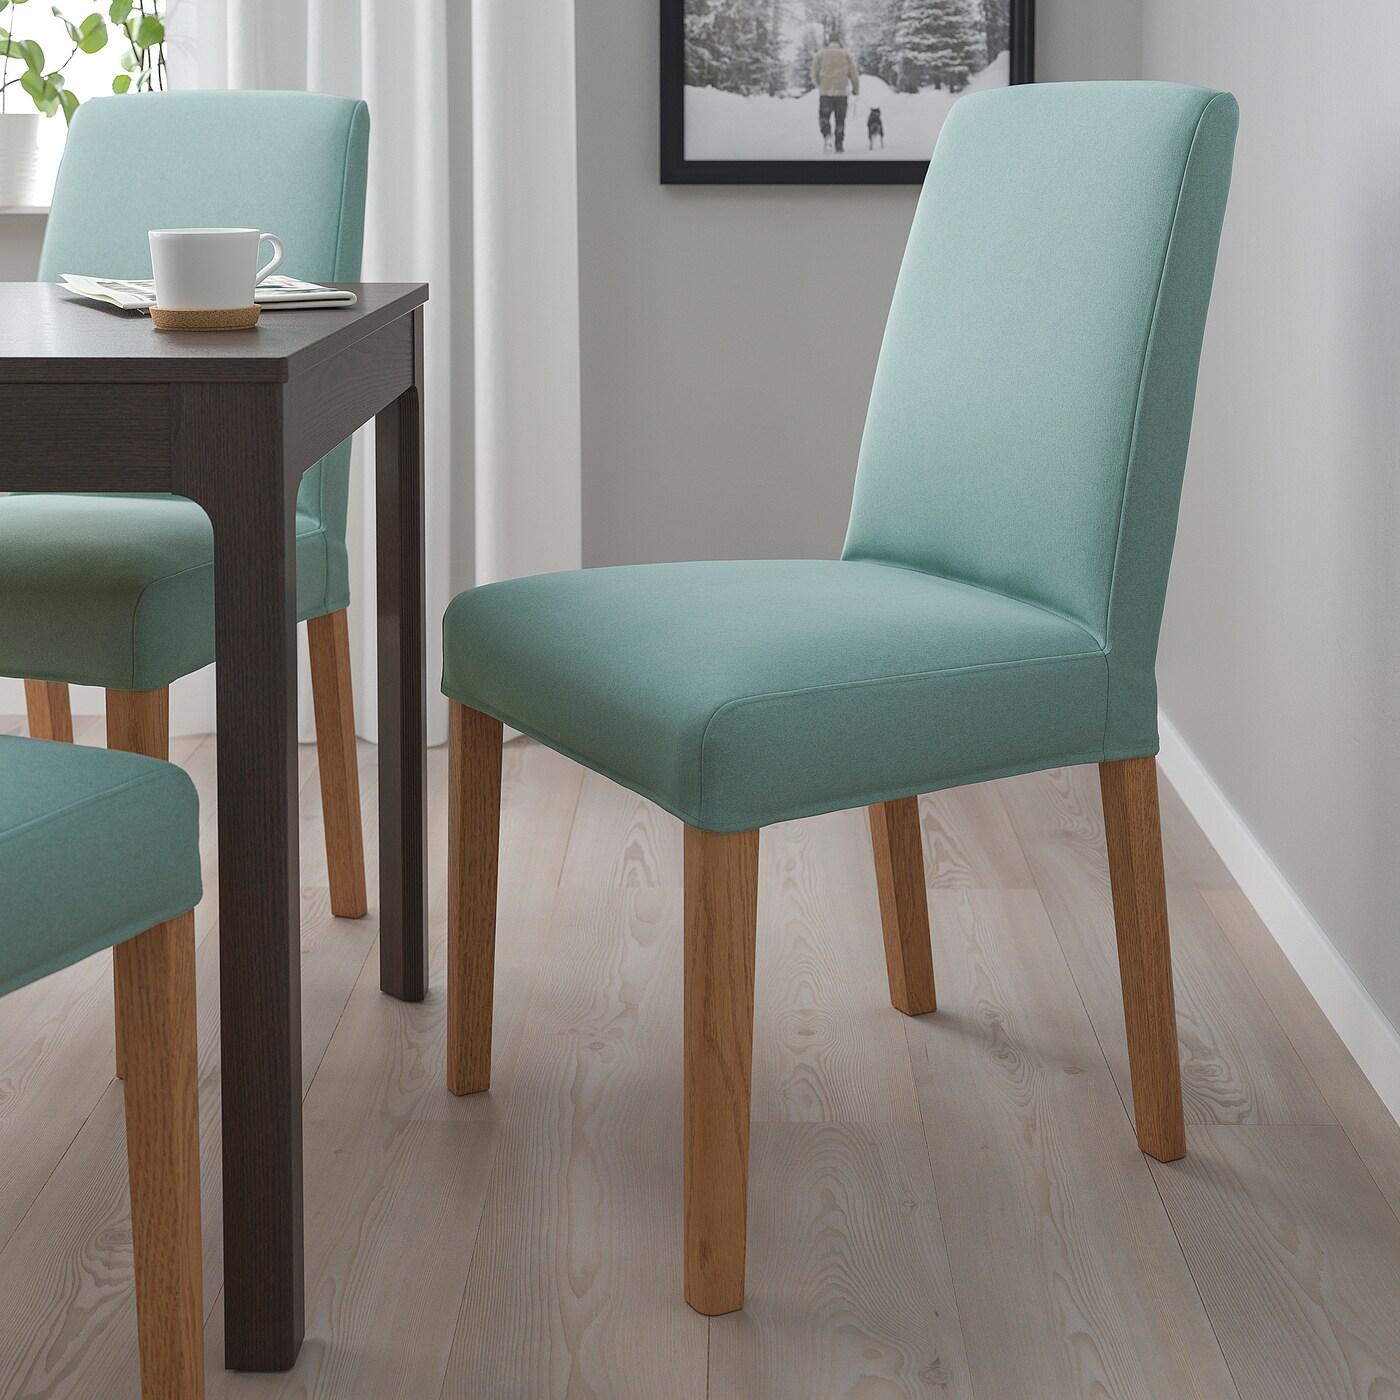 BERGMUND Chair, oak/Ljungen light green